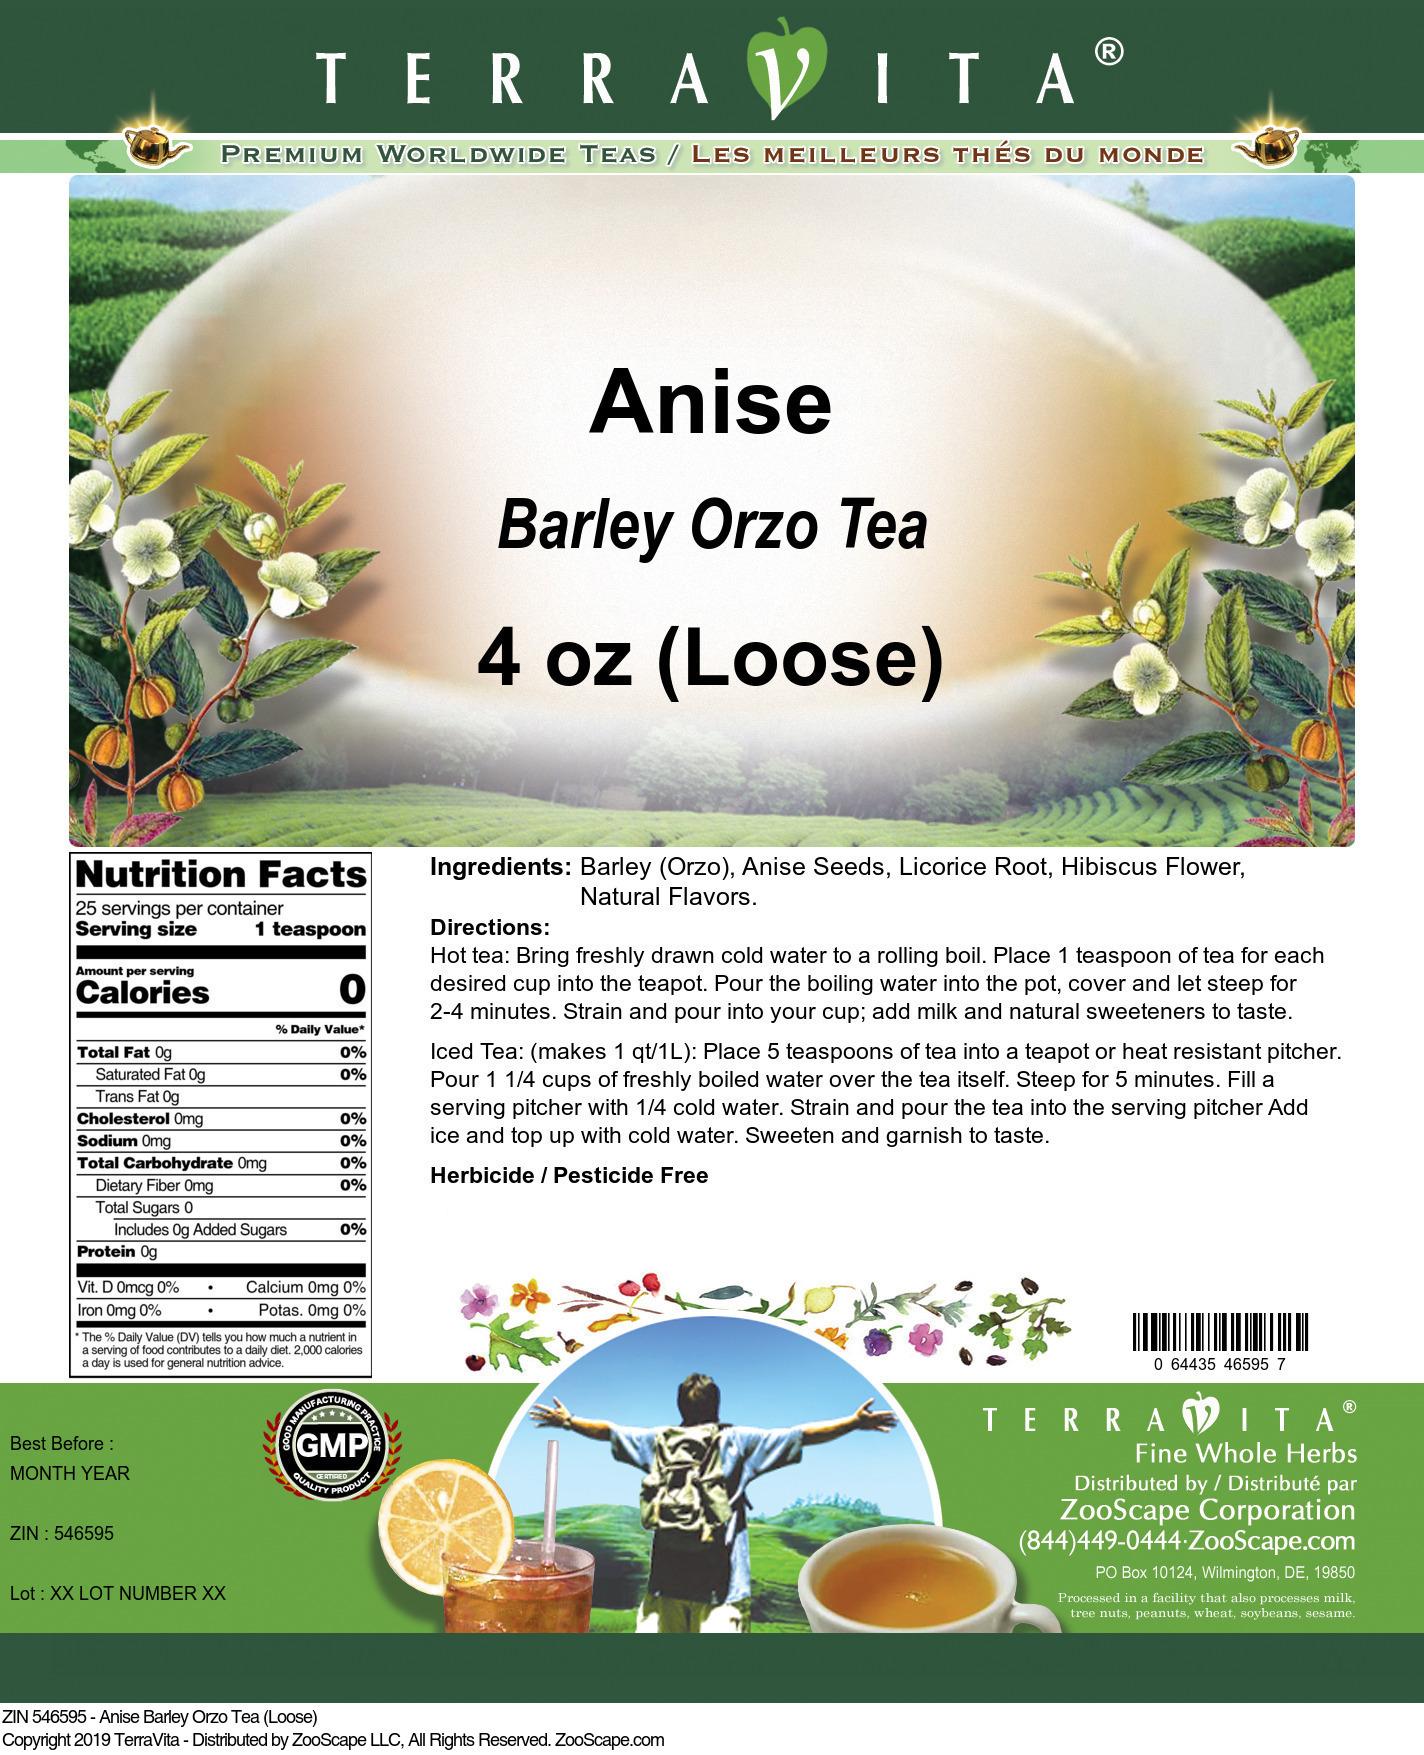 Anise Barley Orzo